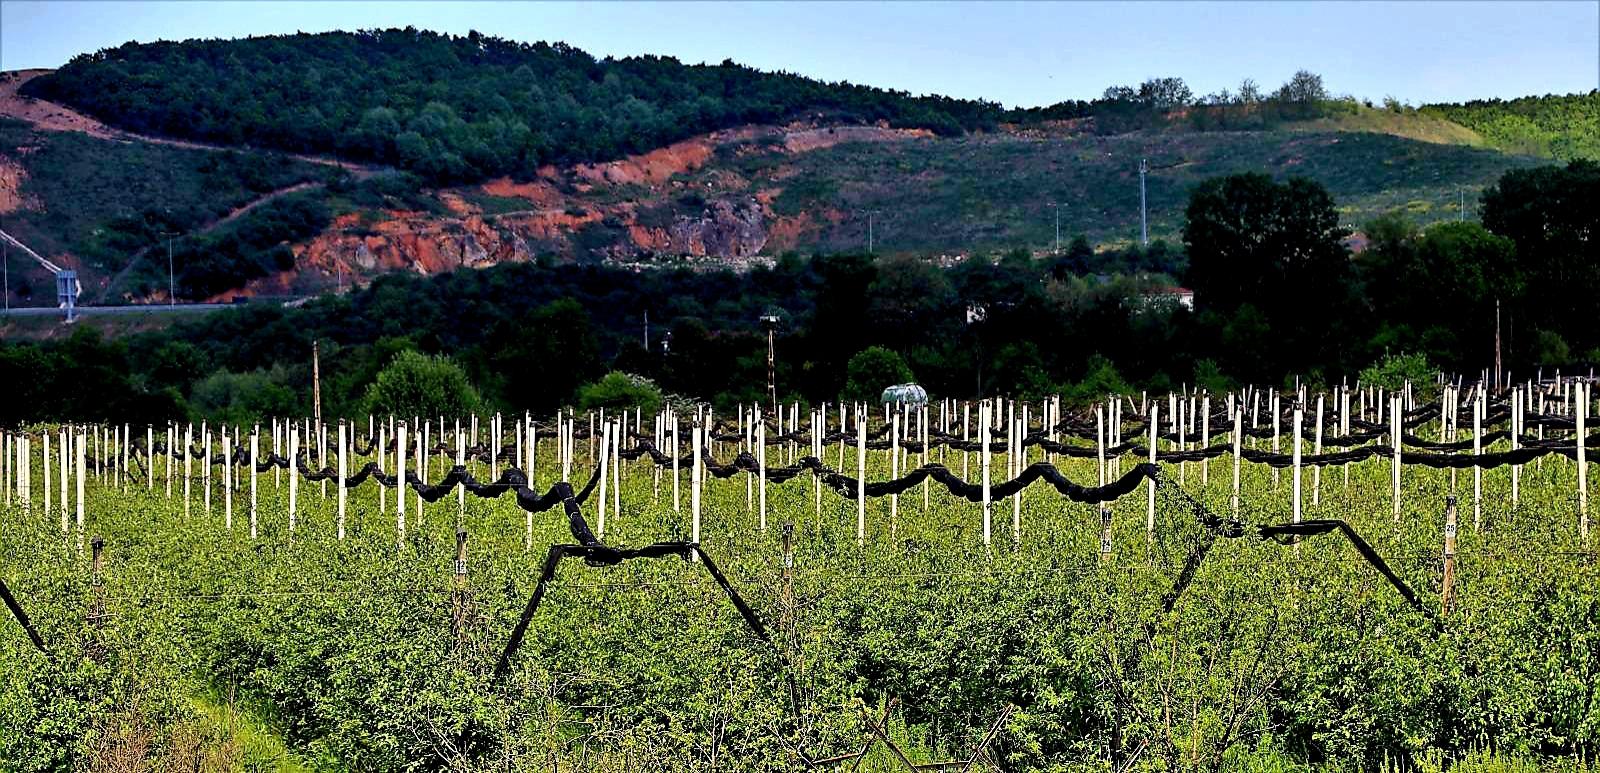 Beykoz'da alım garantili tarım hayata geçecek mi?